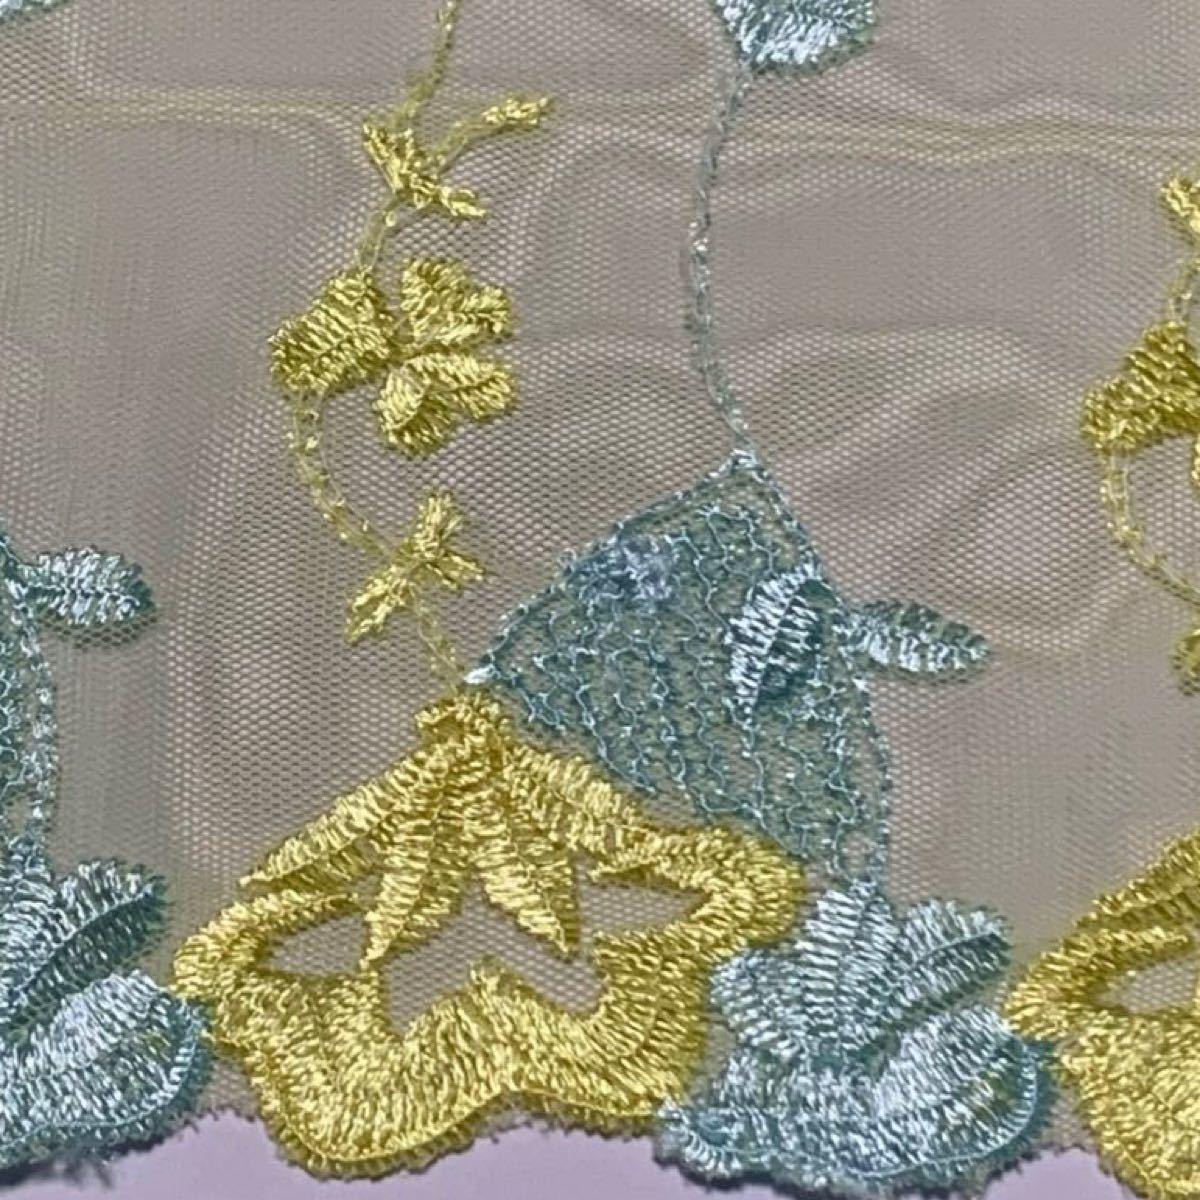 刺繍レース  チュールレース  イエロー